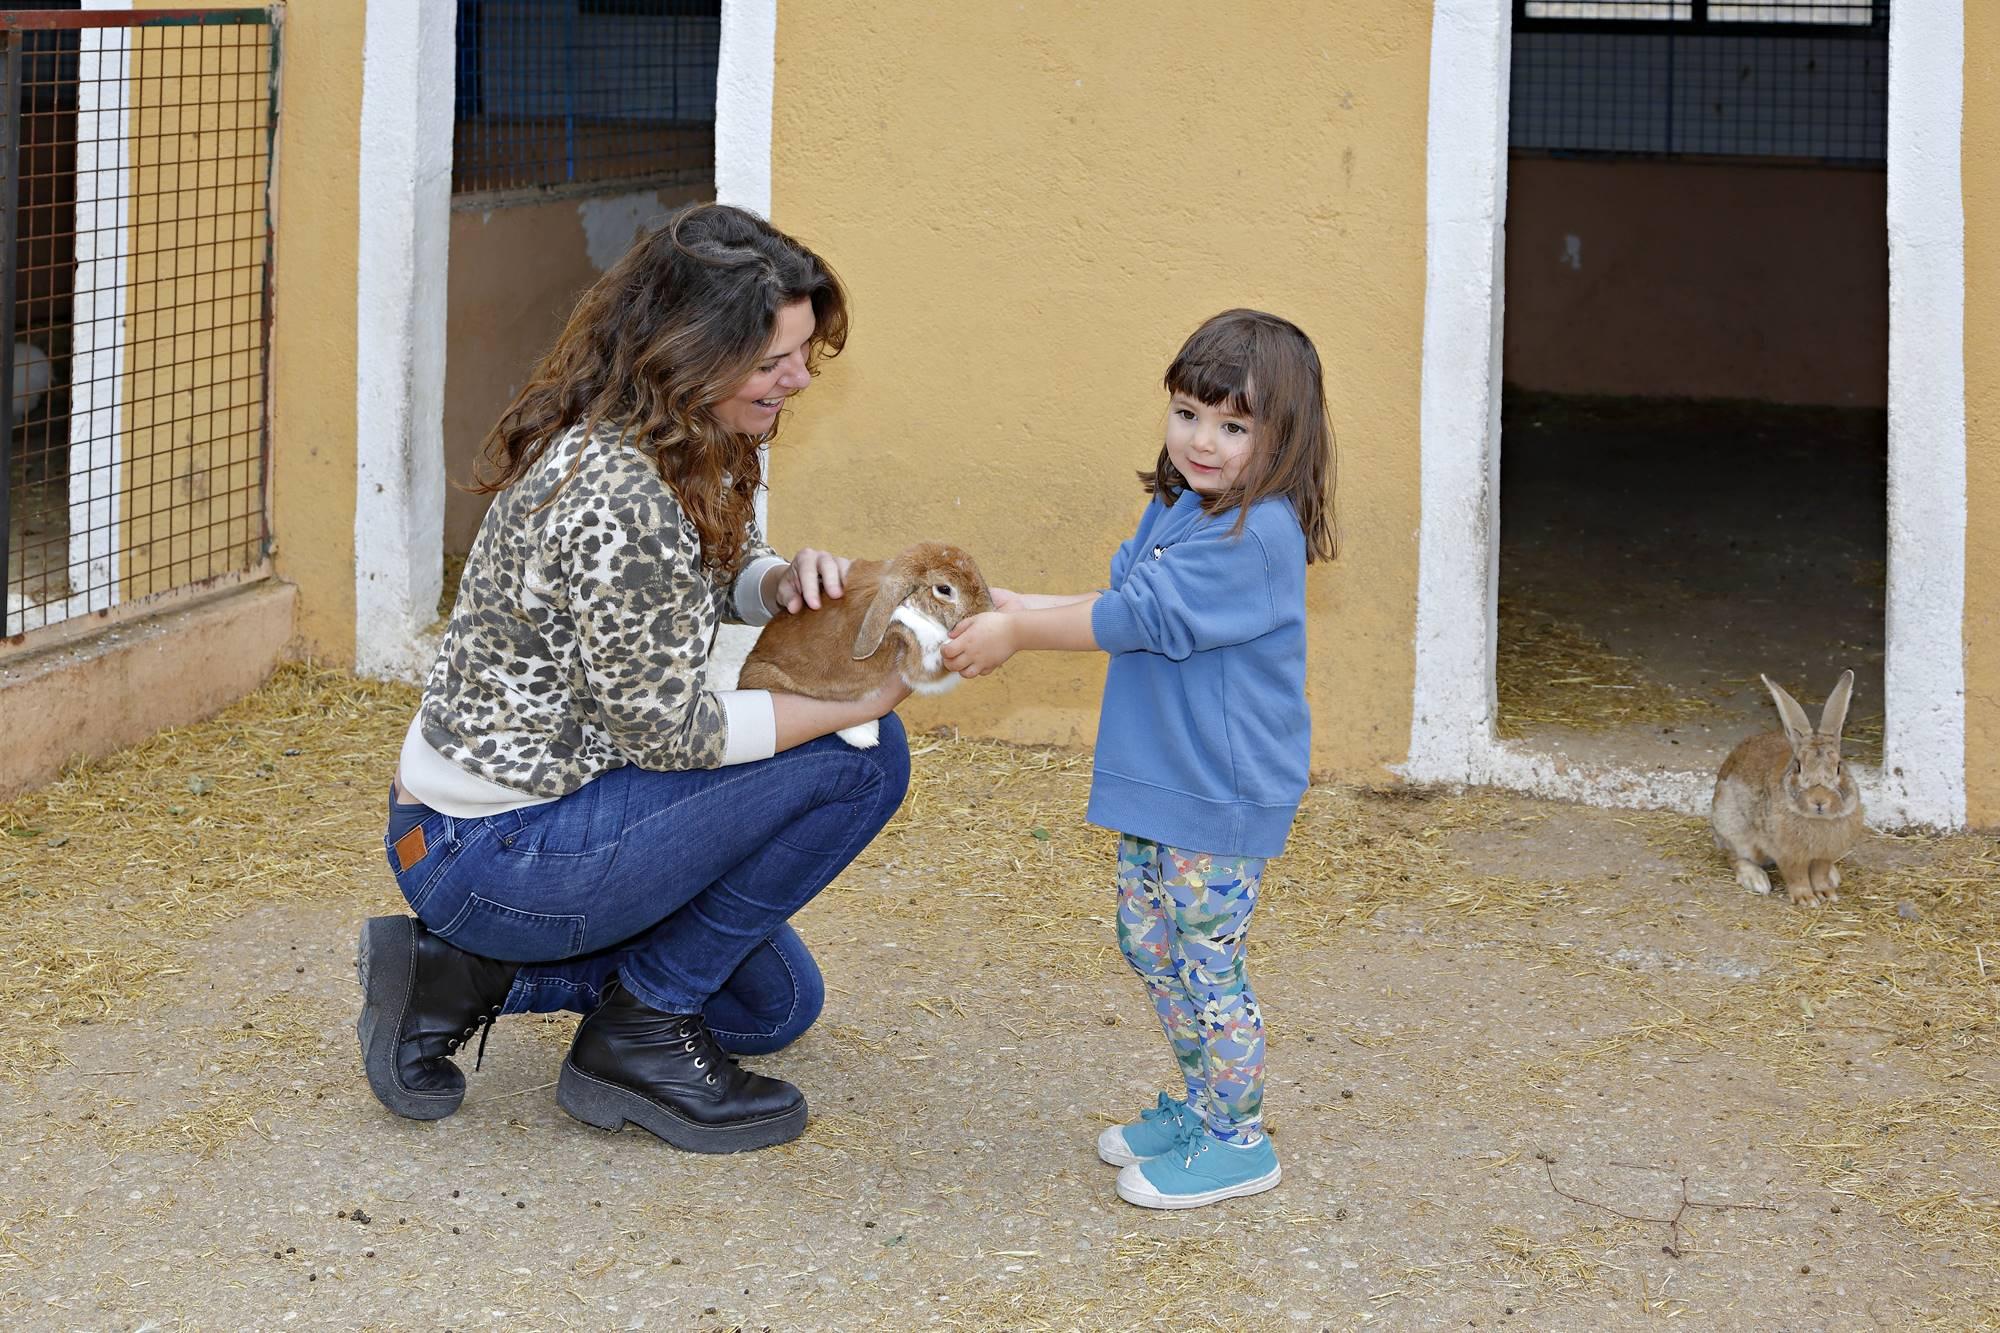 Los niños acarician con delicadeza a los pequeños conejos.